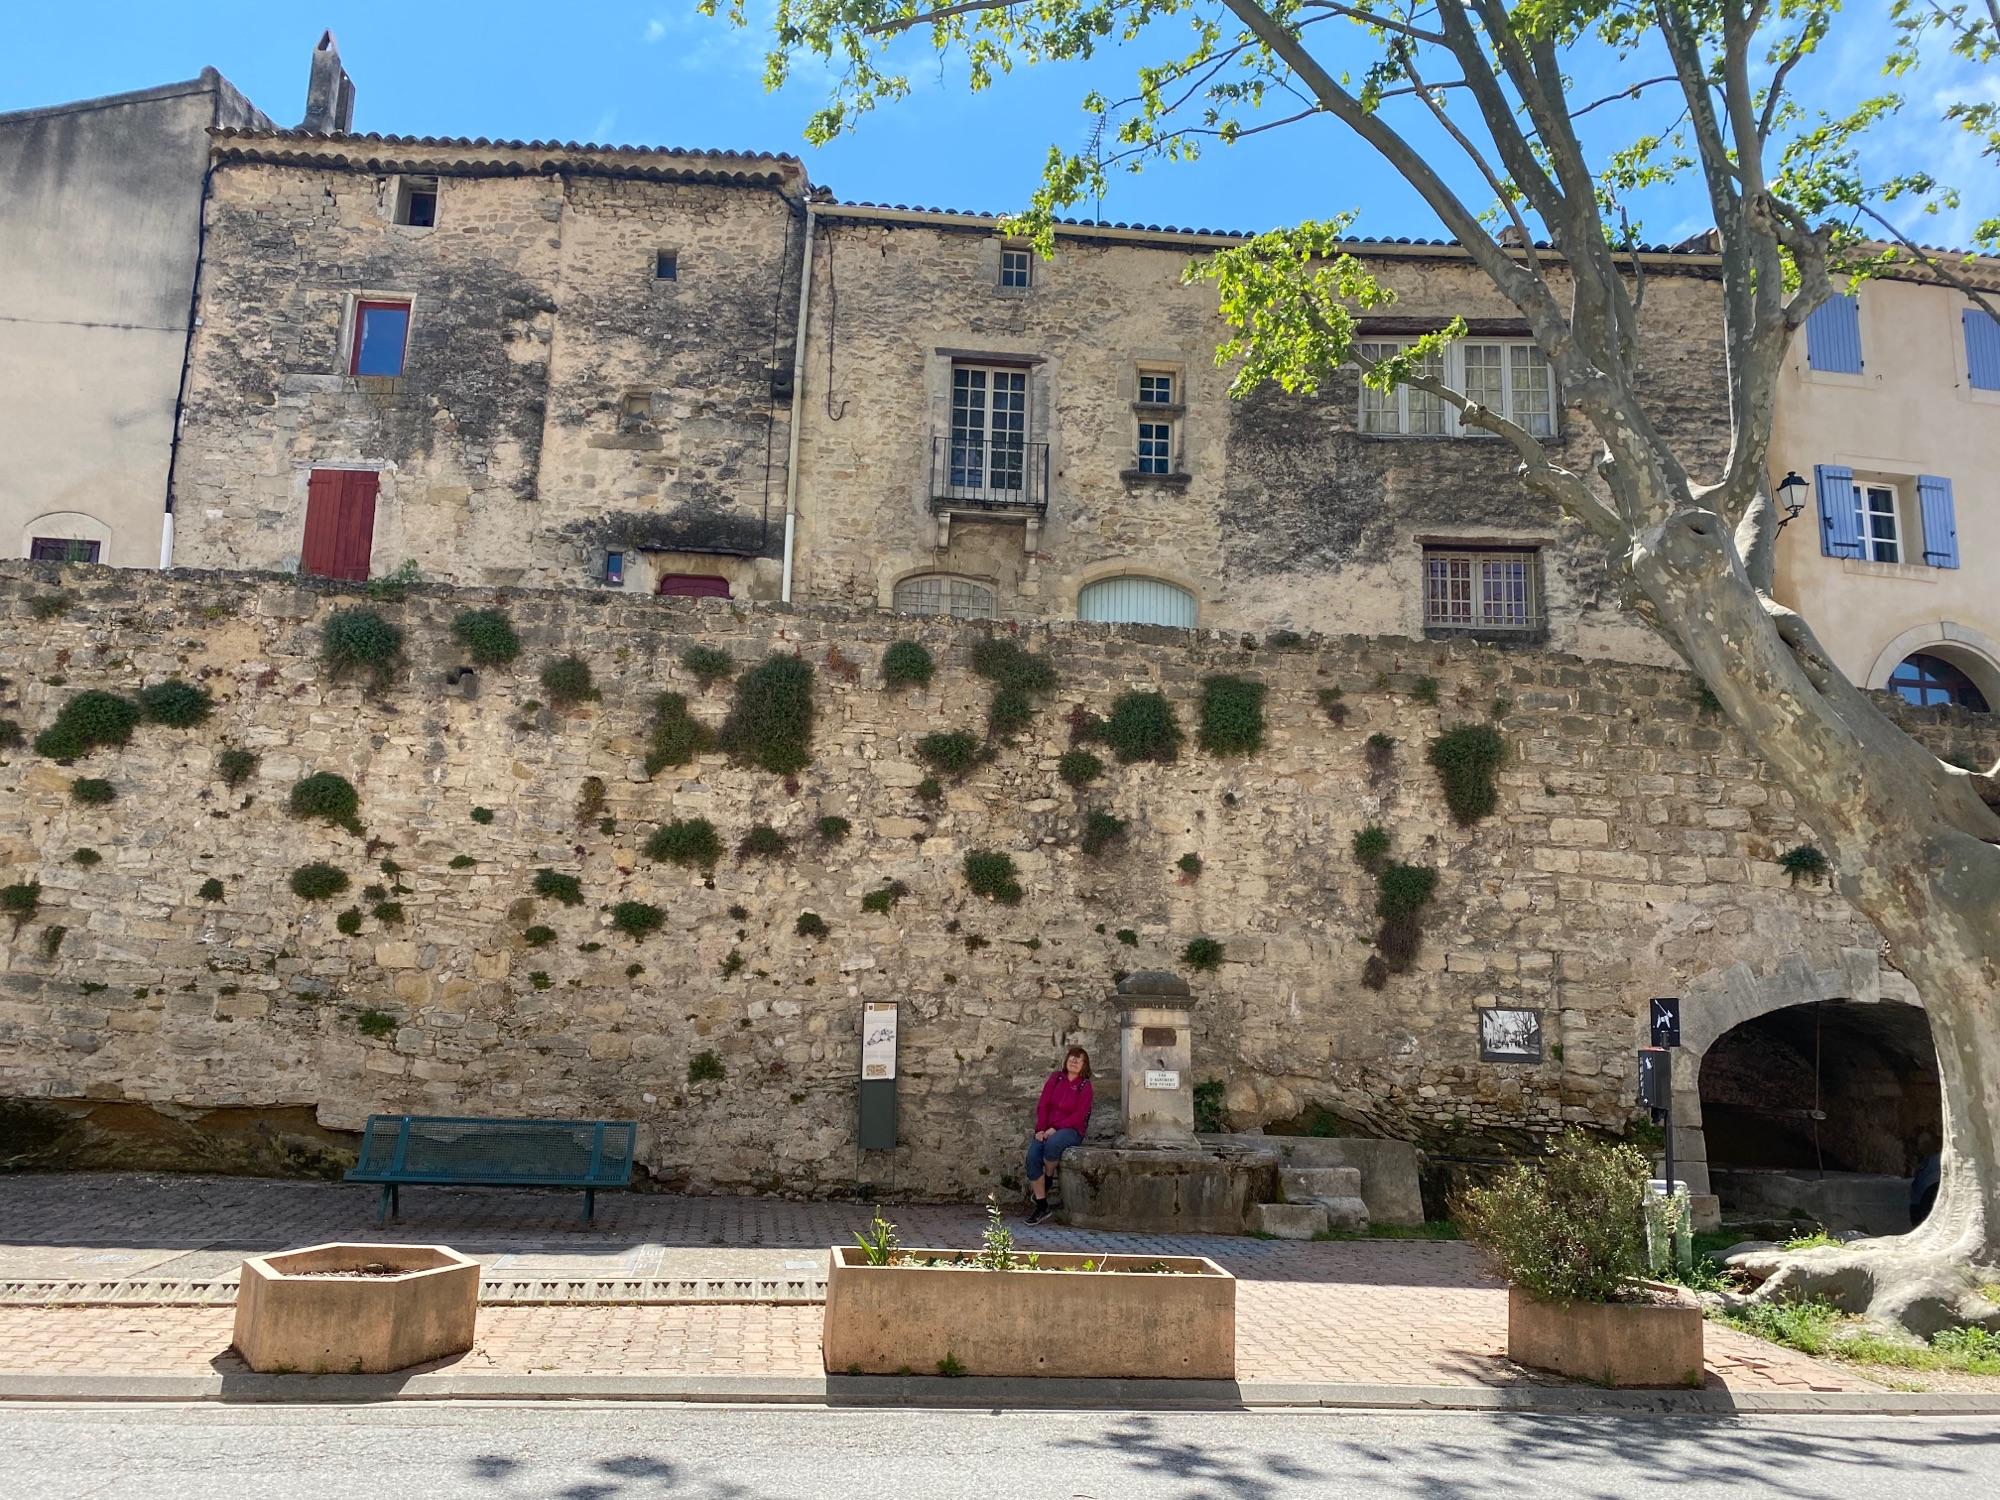 На фоне городской стены. Невысокая, но 12 век.